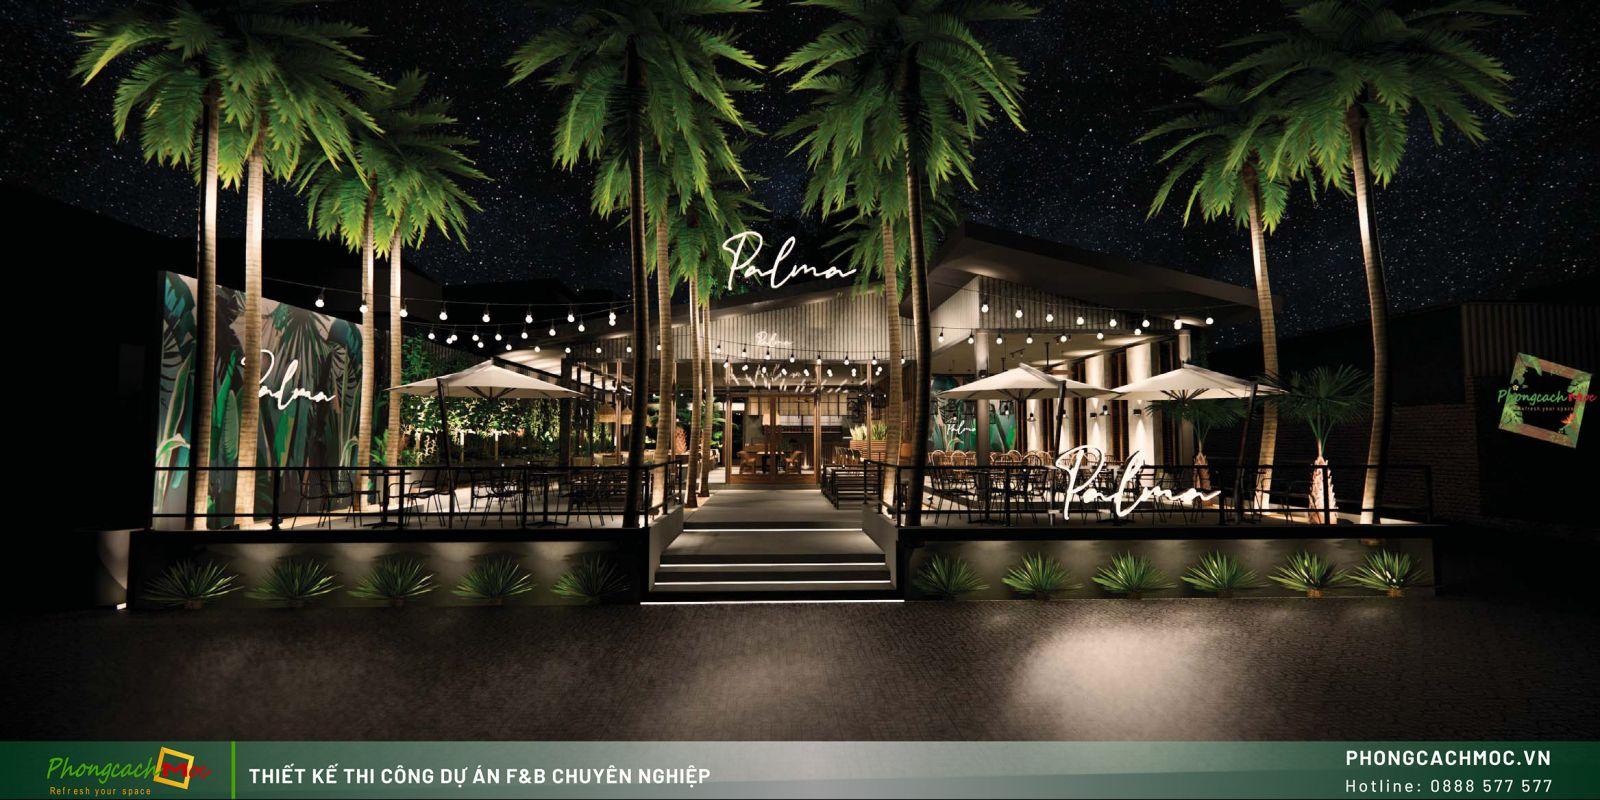 Dự án Palma The Garden Coffee - Vũng Tàu